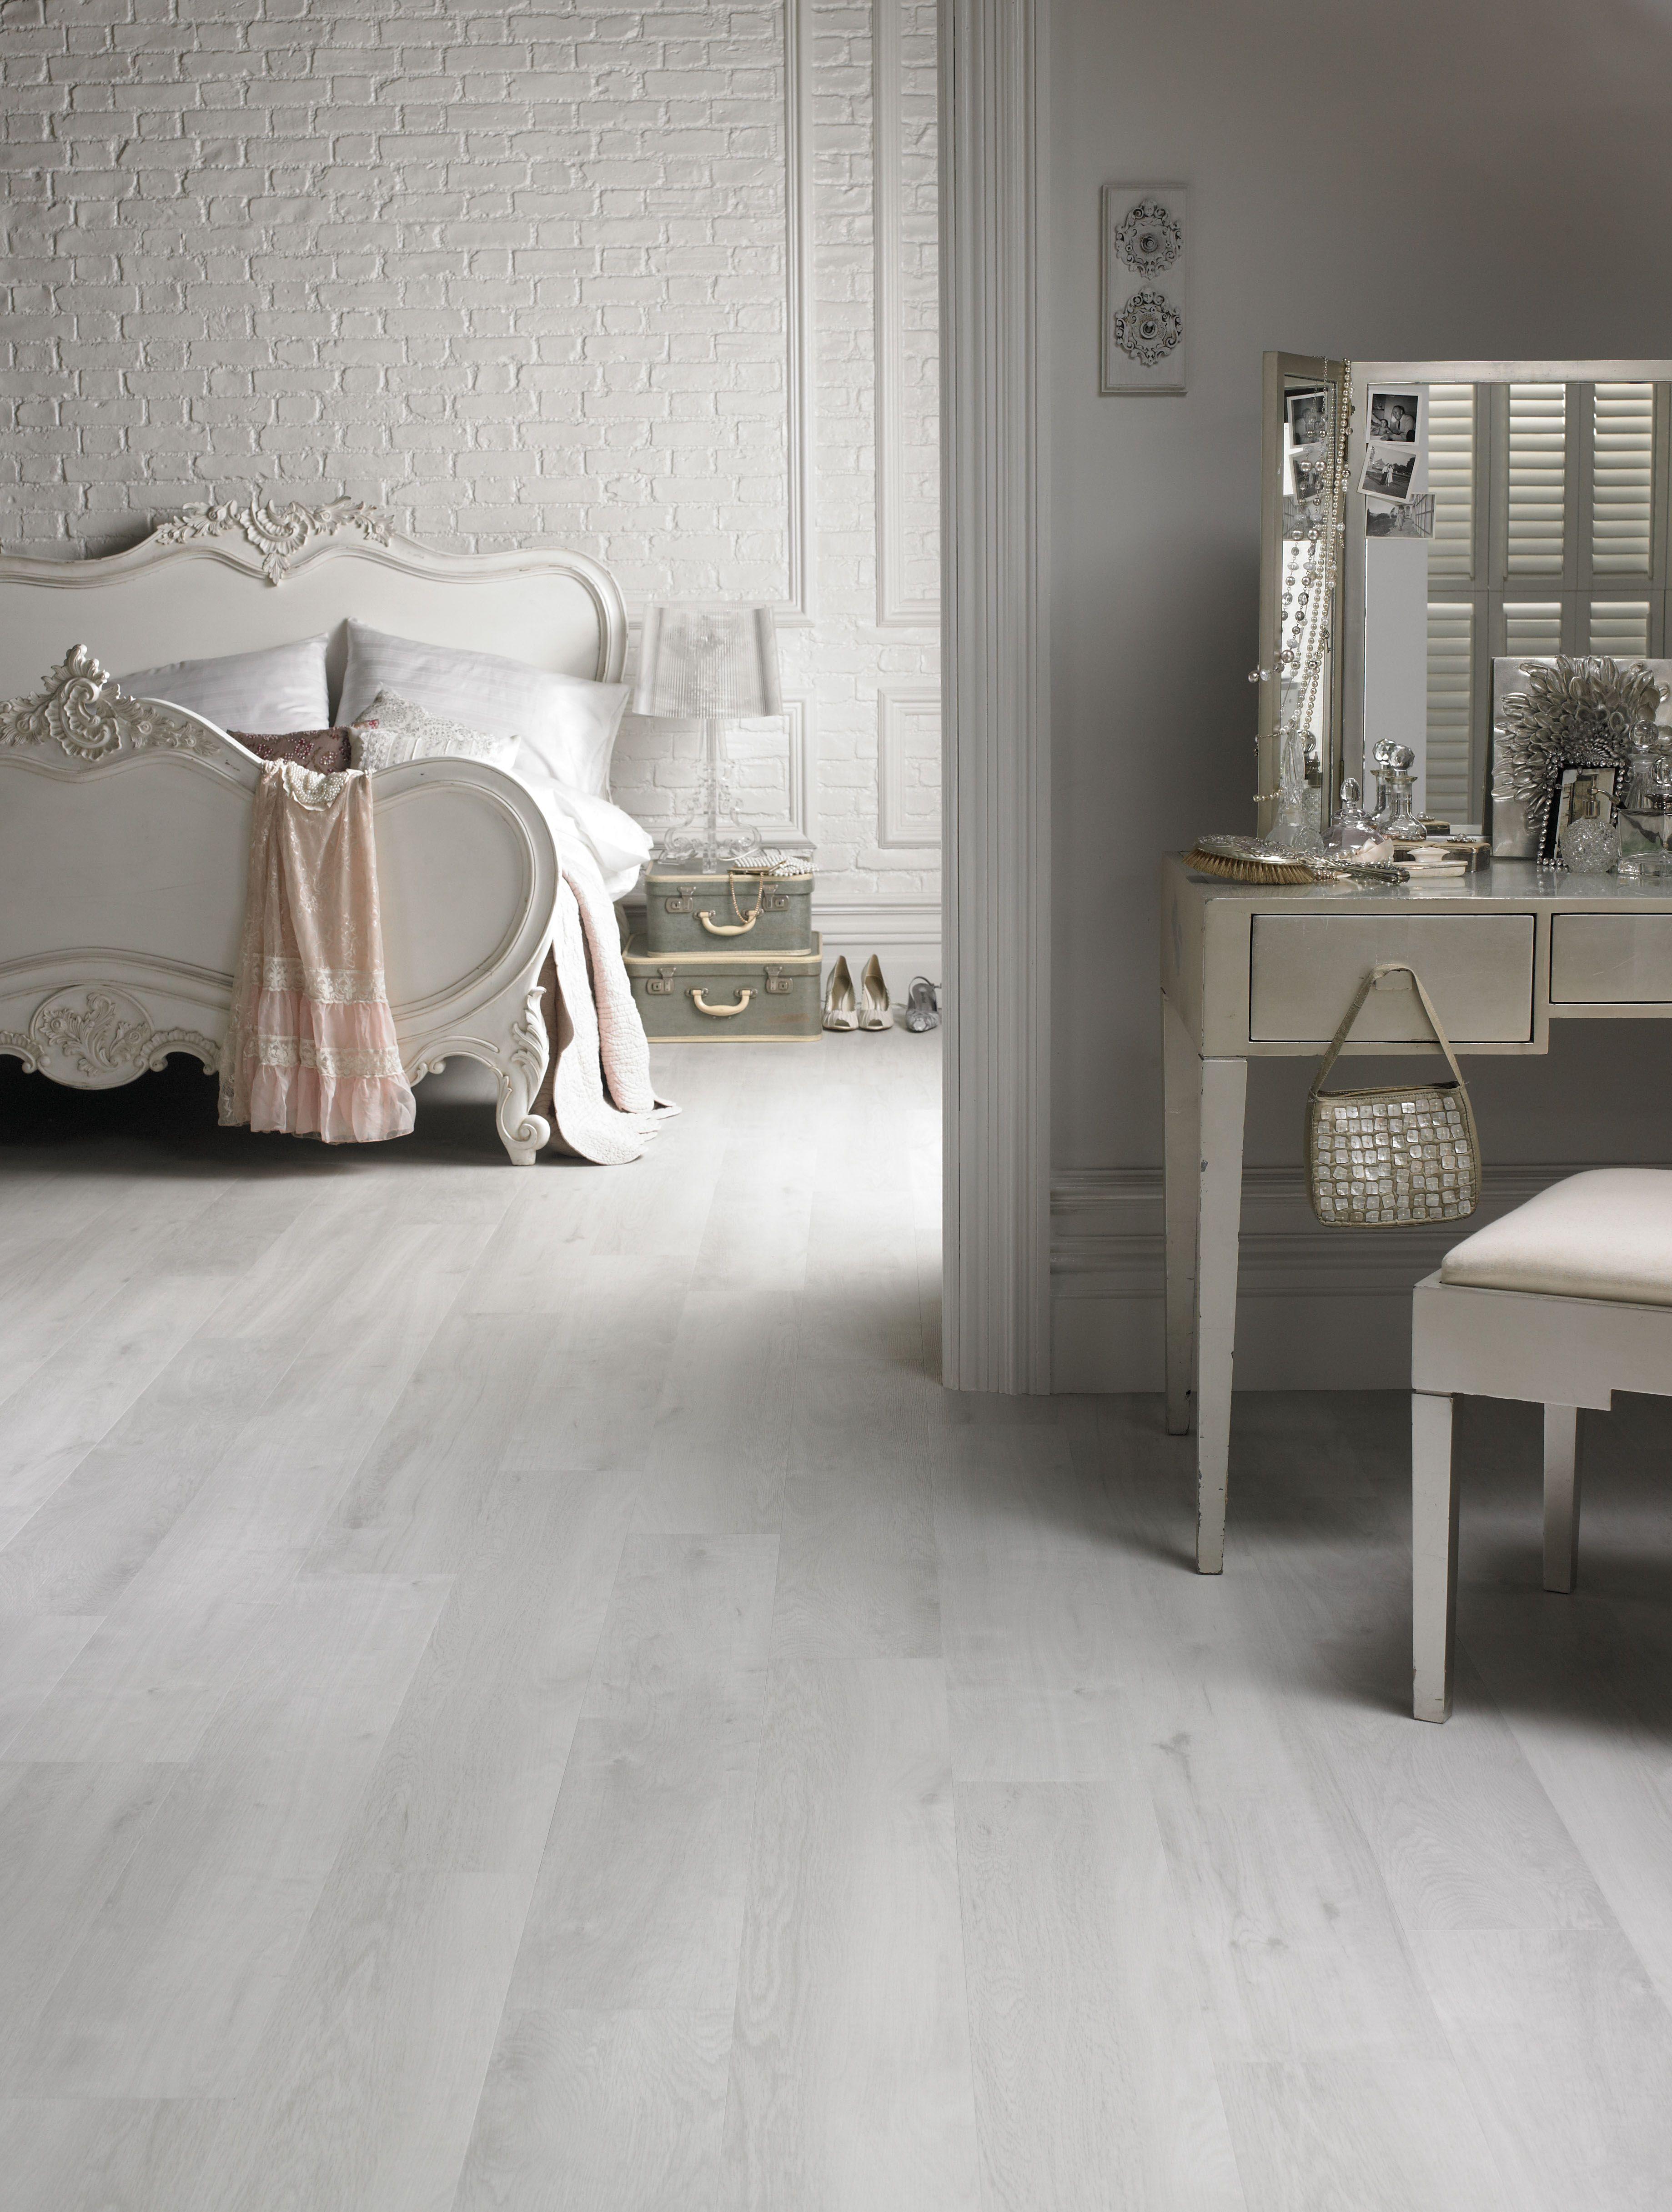 pvc vloeren pvc vloeren pinterest vloeren slaapkamer en